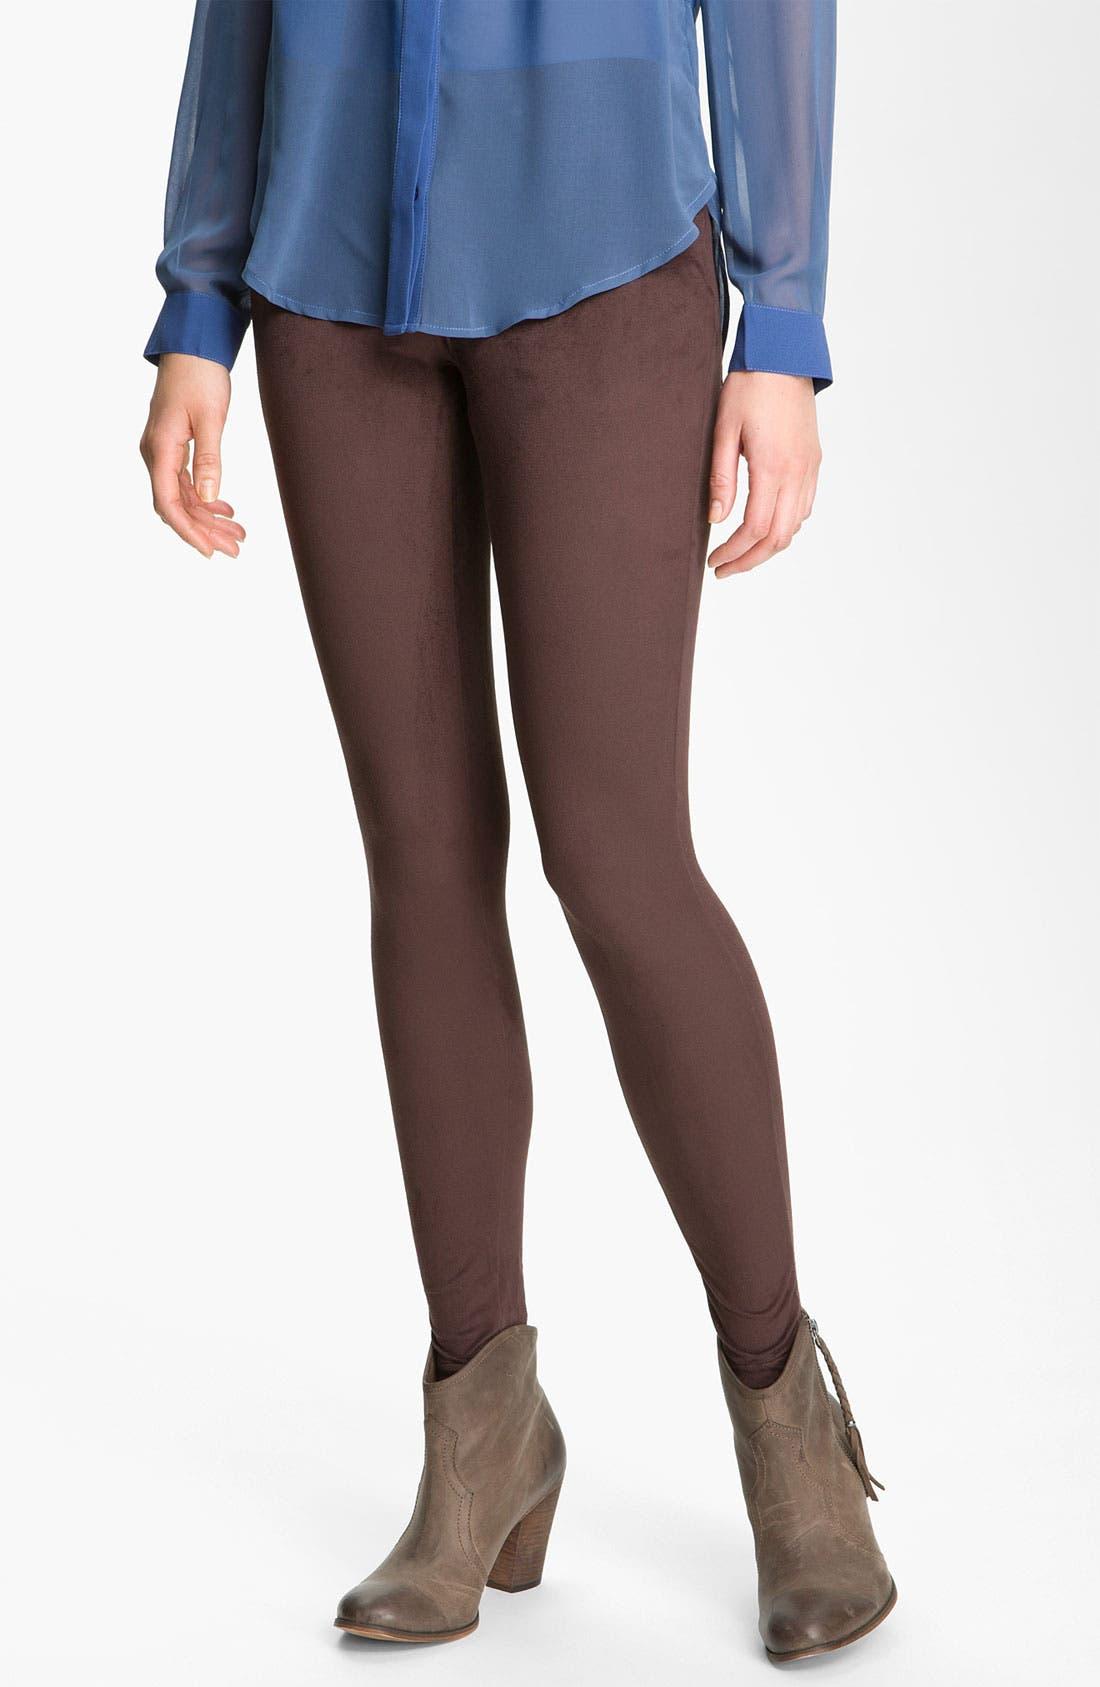 Main Image - Hue Microsuede Leggings